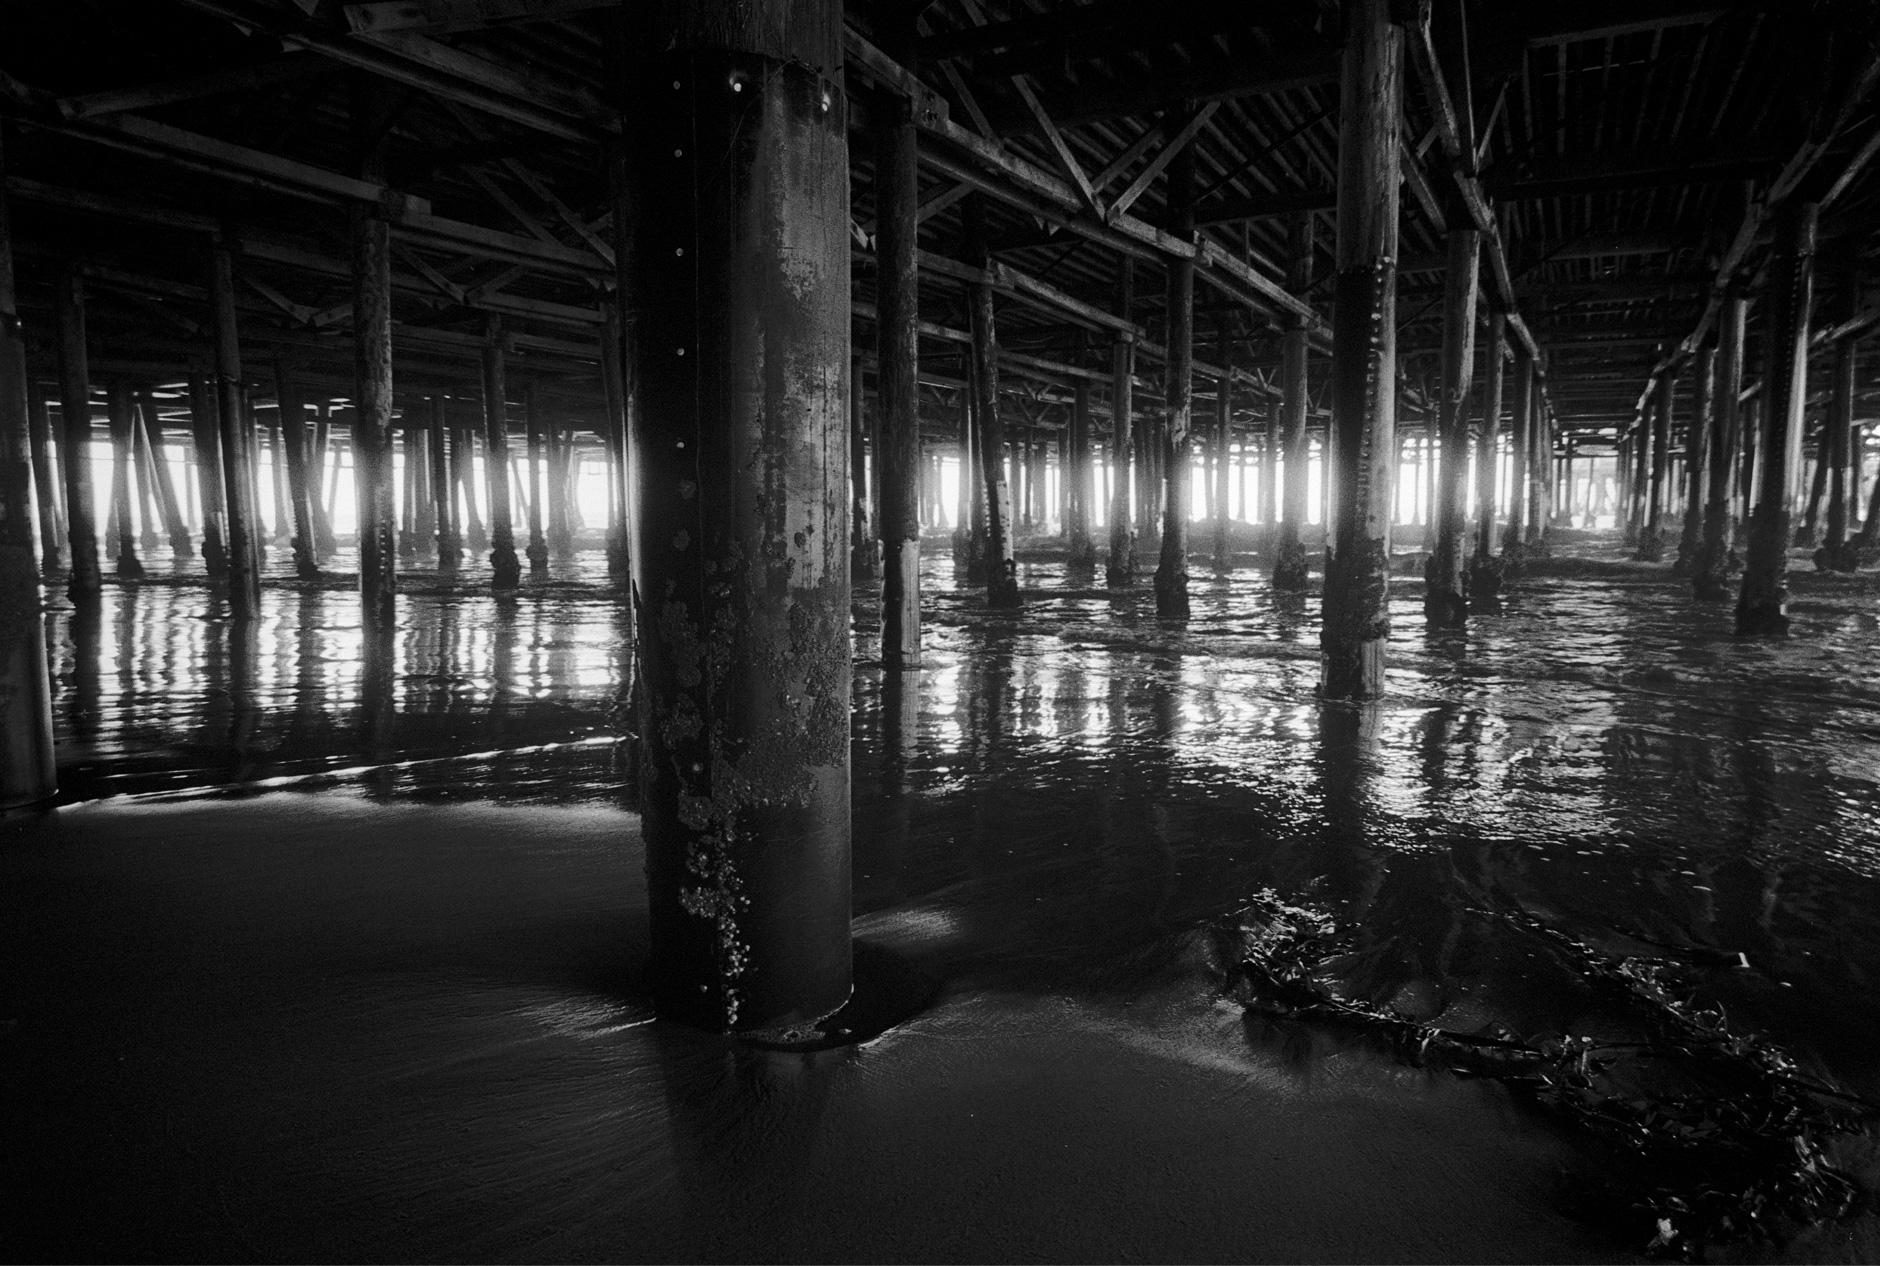 Black and white photo of wood pillars